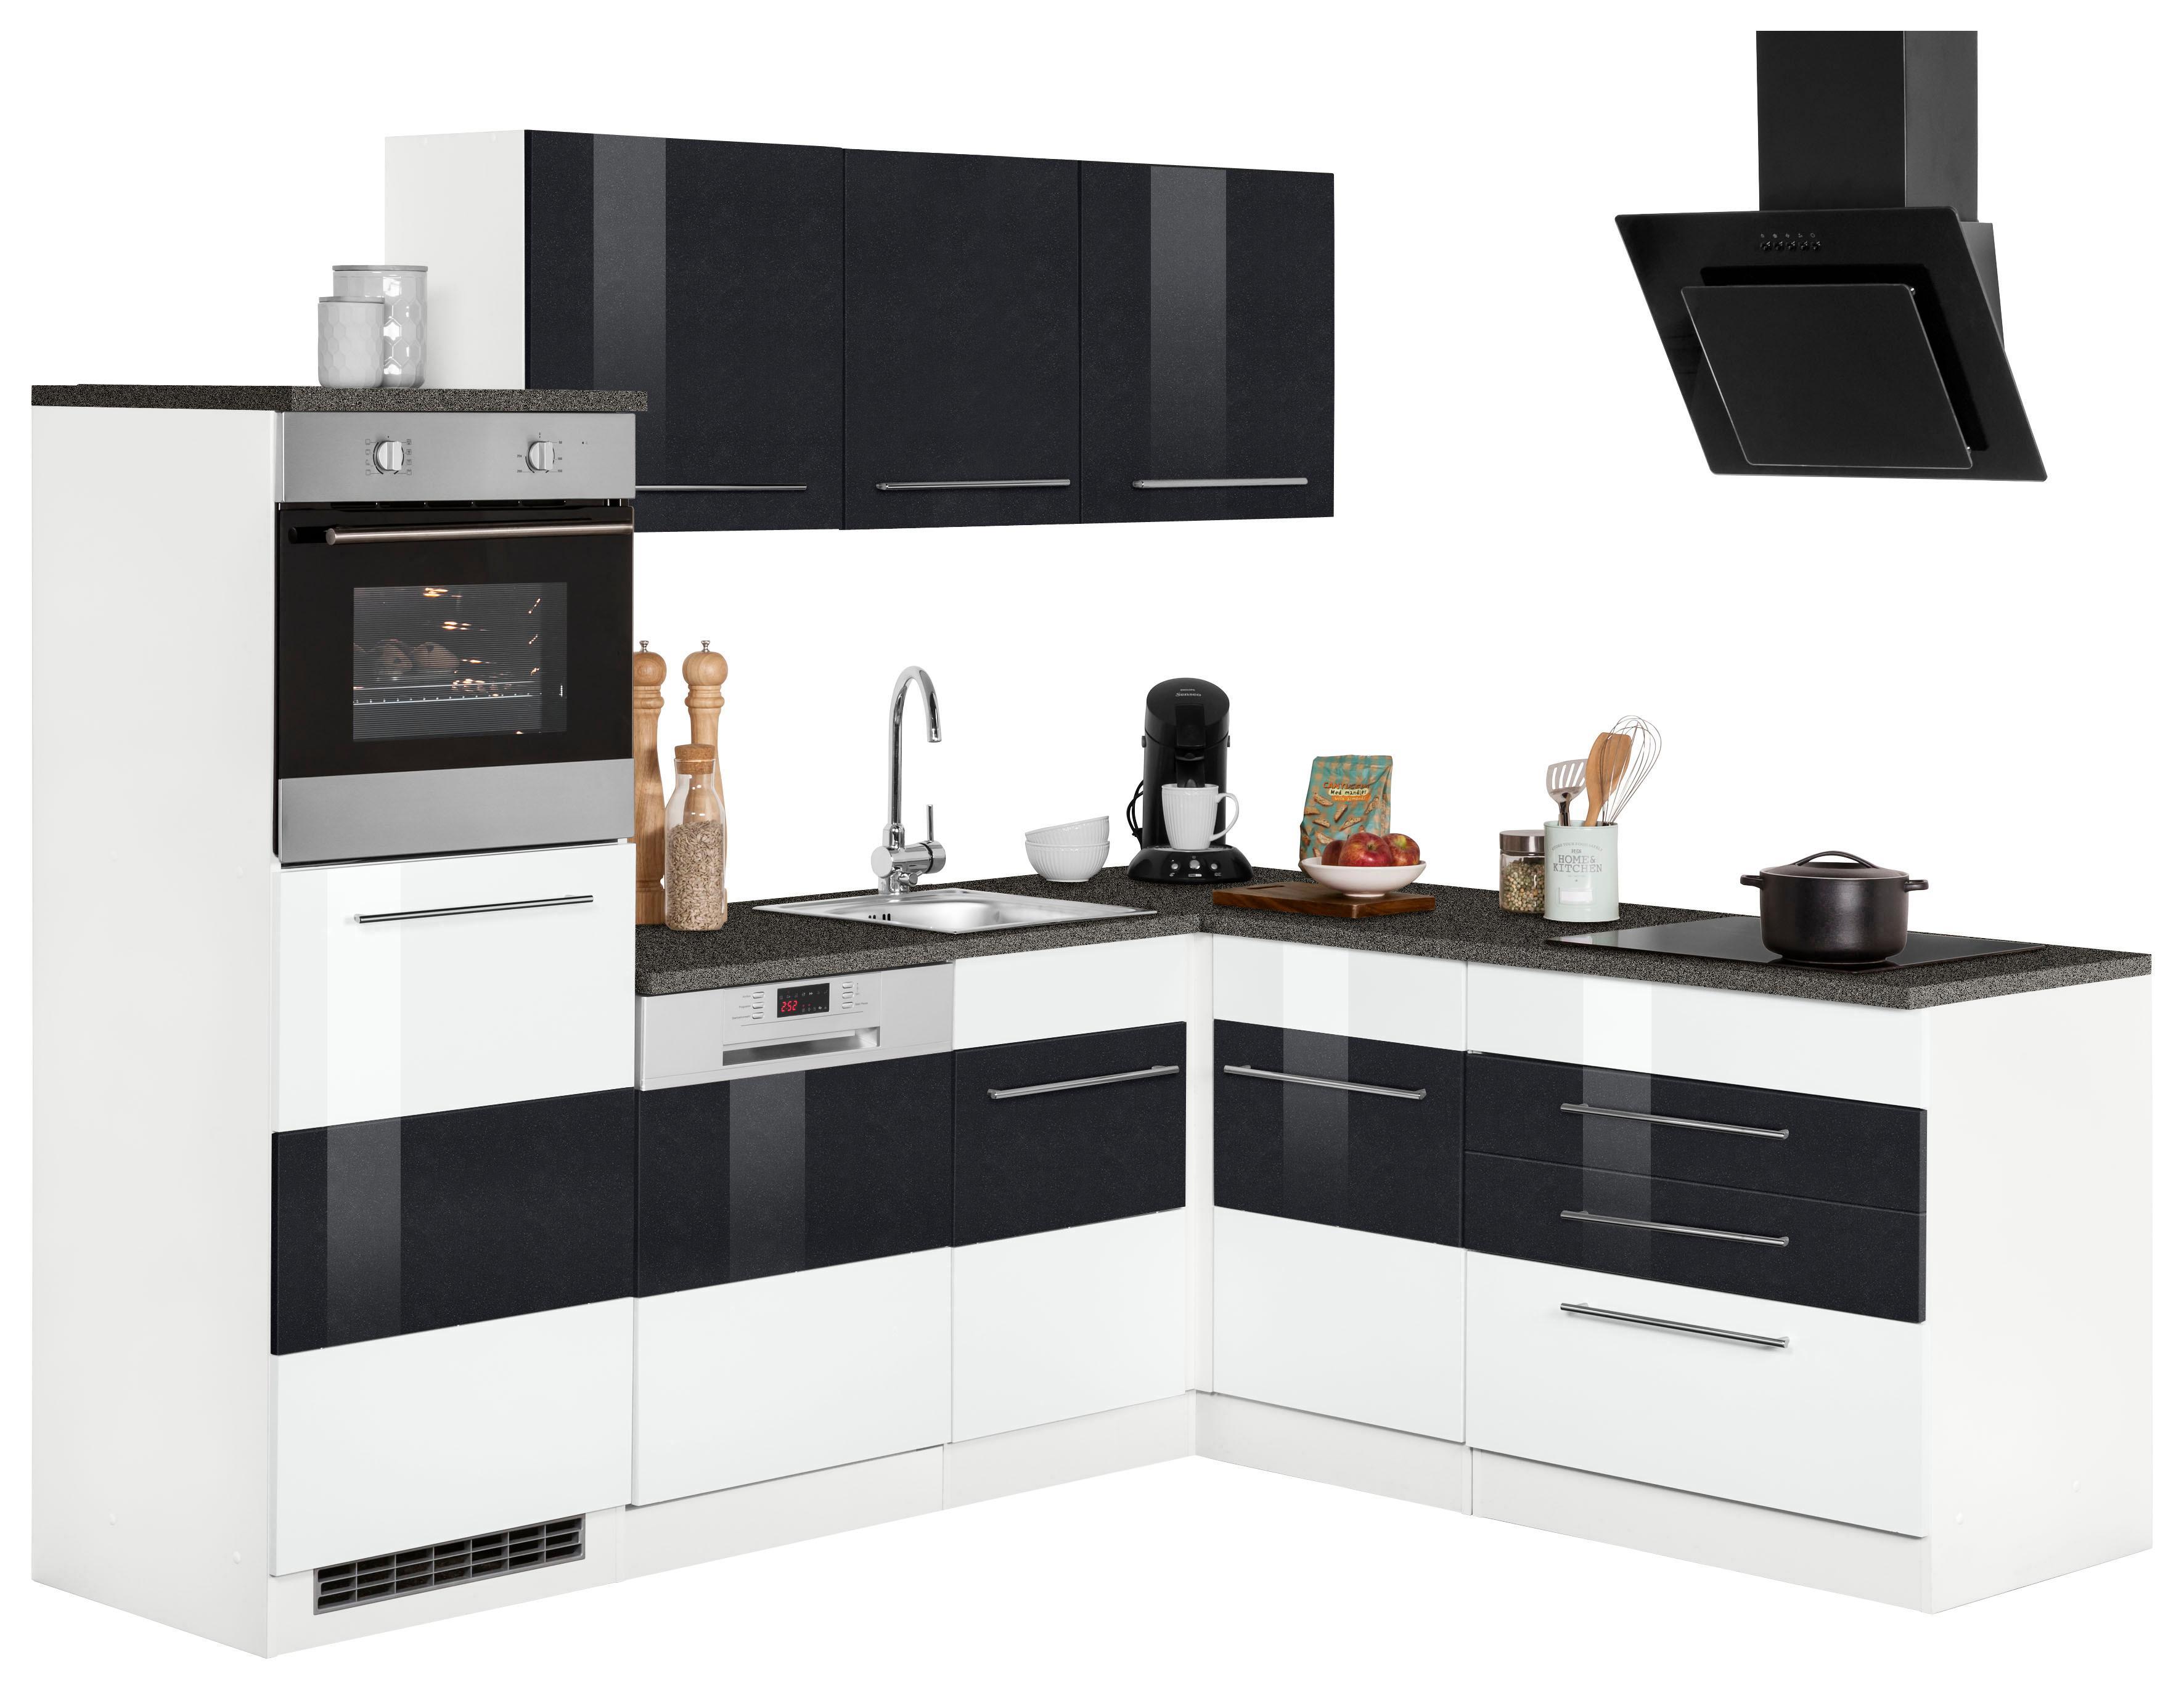 Winkelküche Trient ohne E-Geräte Stellbreite 230 x 190 cm